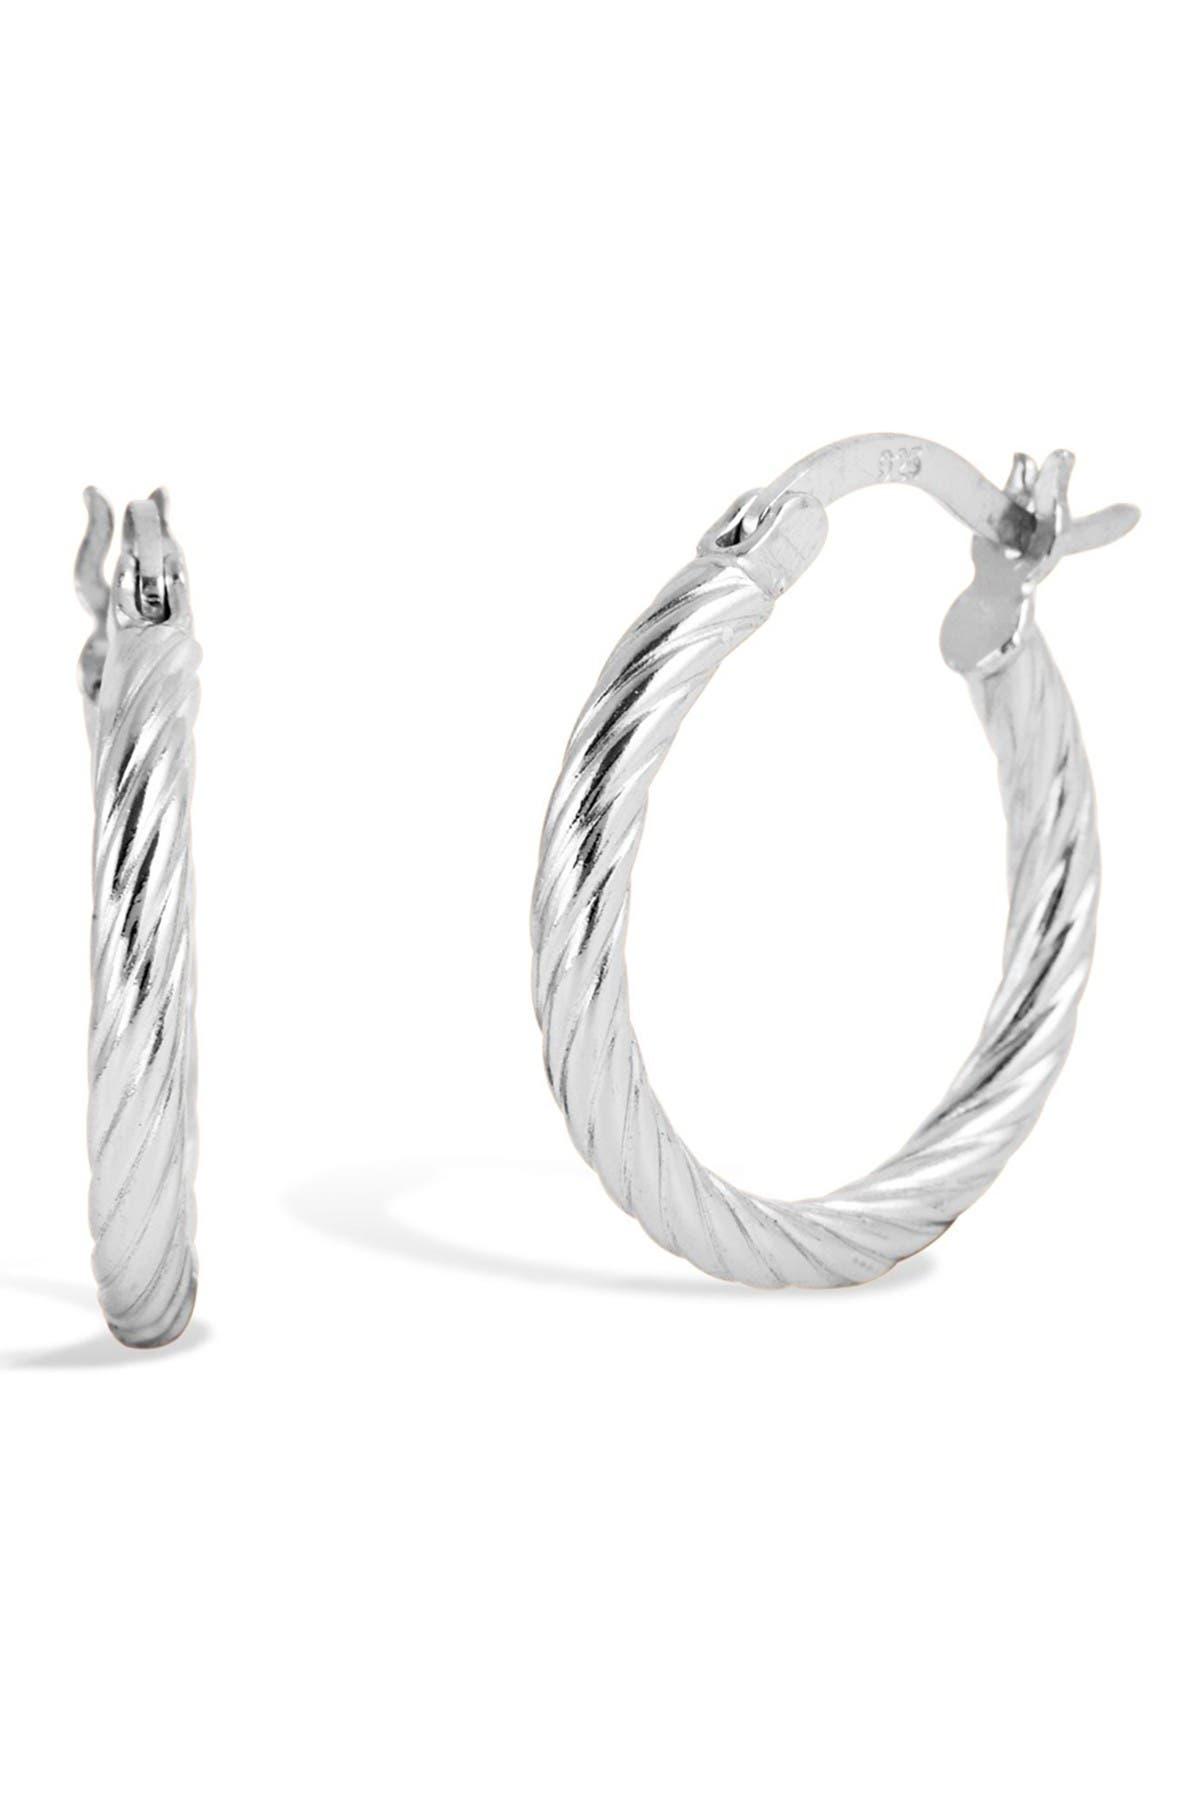 Image of Savvy Cie Sterling Silver Twist Tube Hoop Earrings